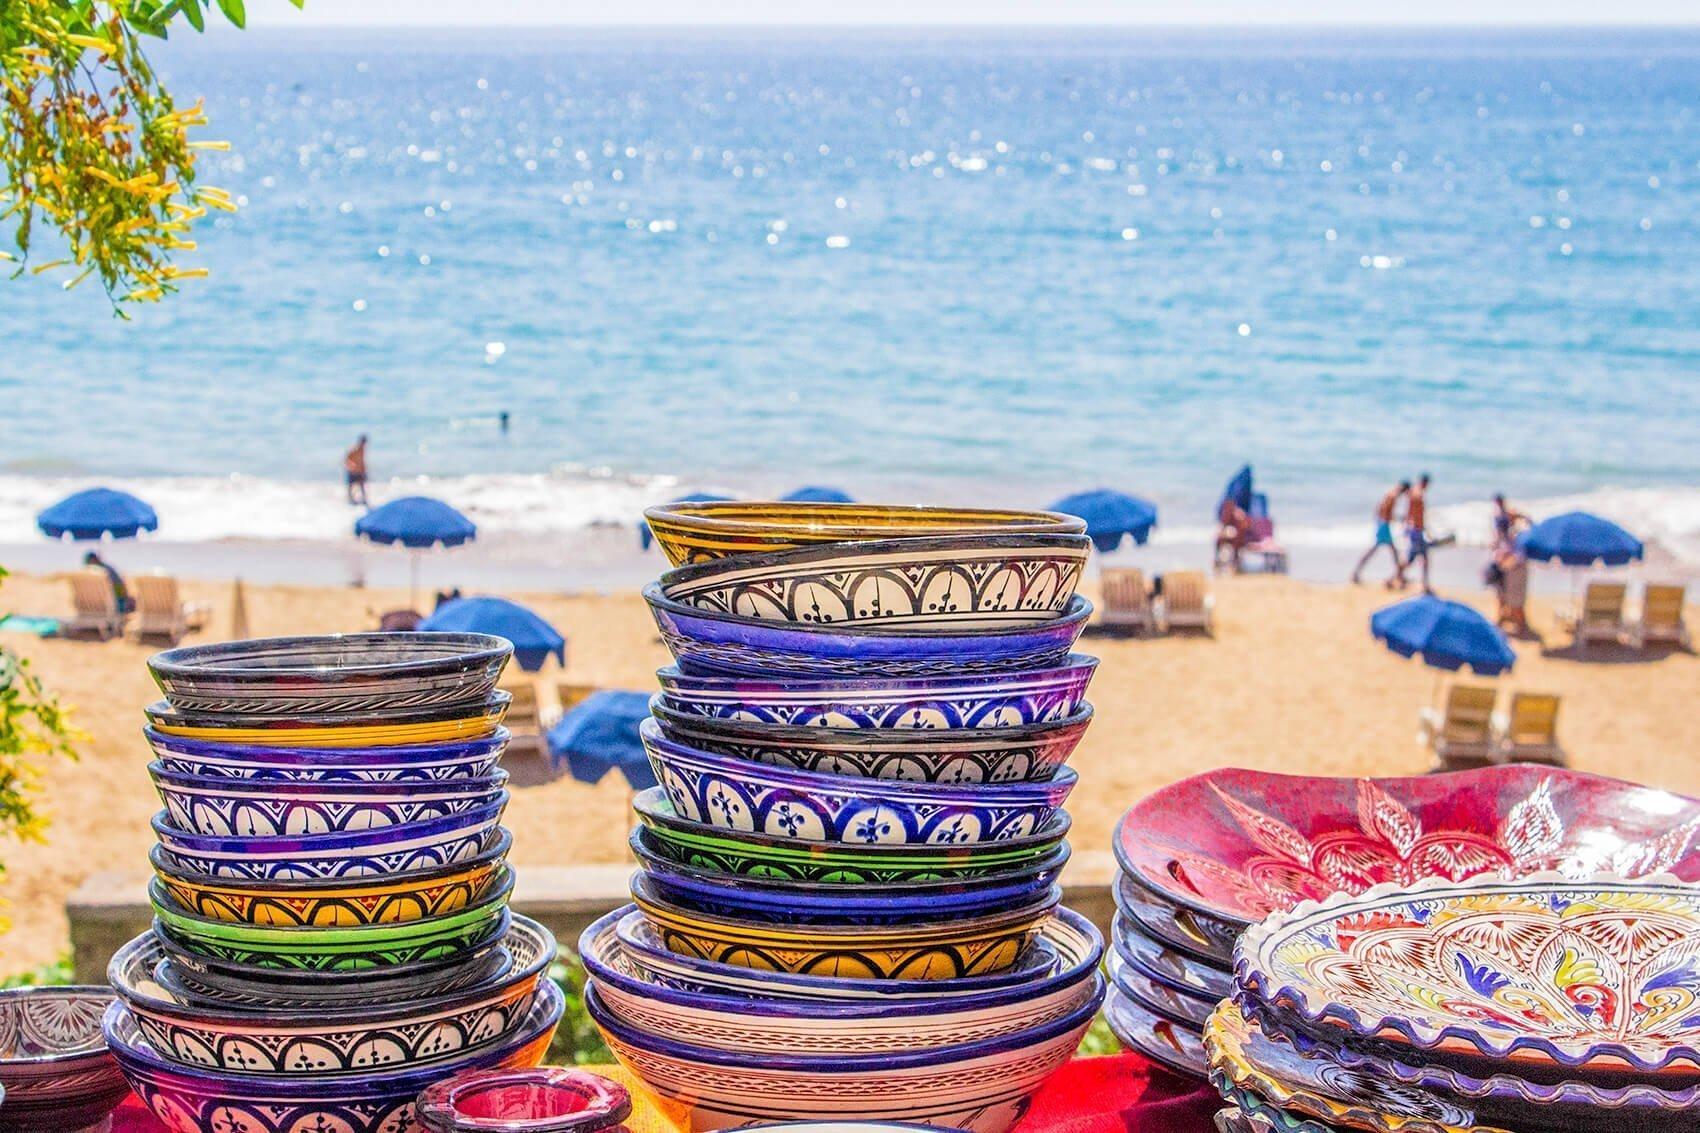 Klimaat Taghazout beste reistijd om te surfen in Marokko